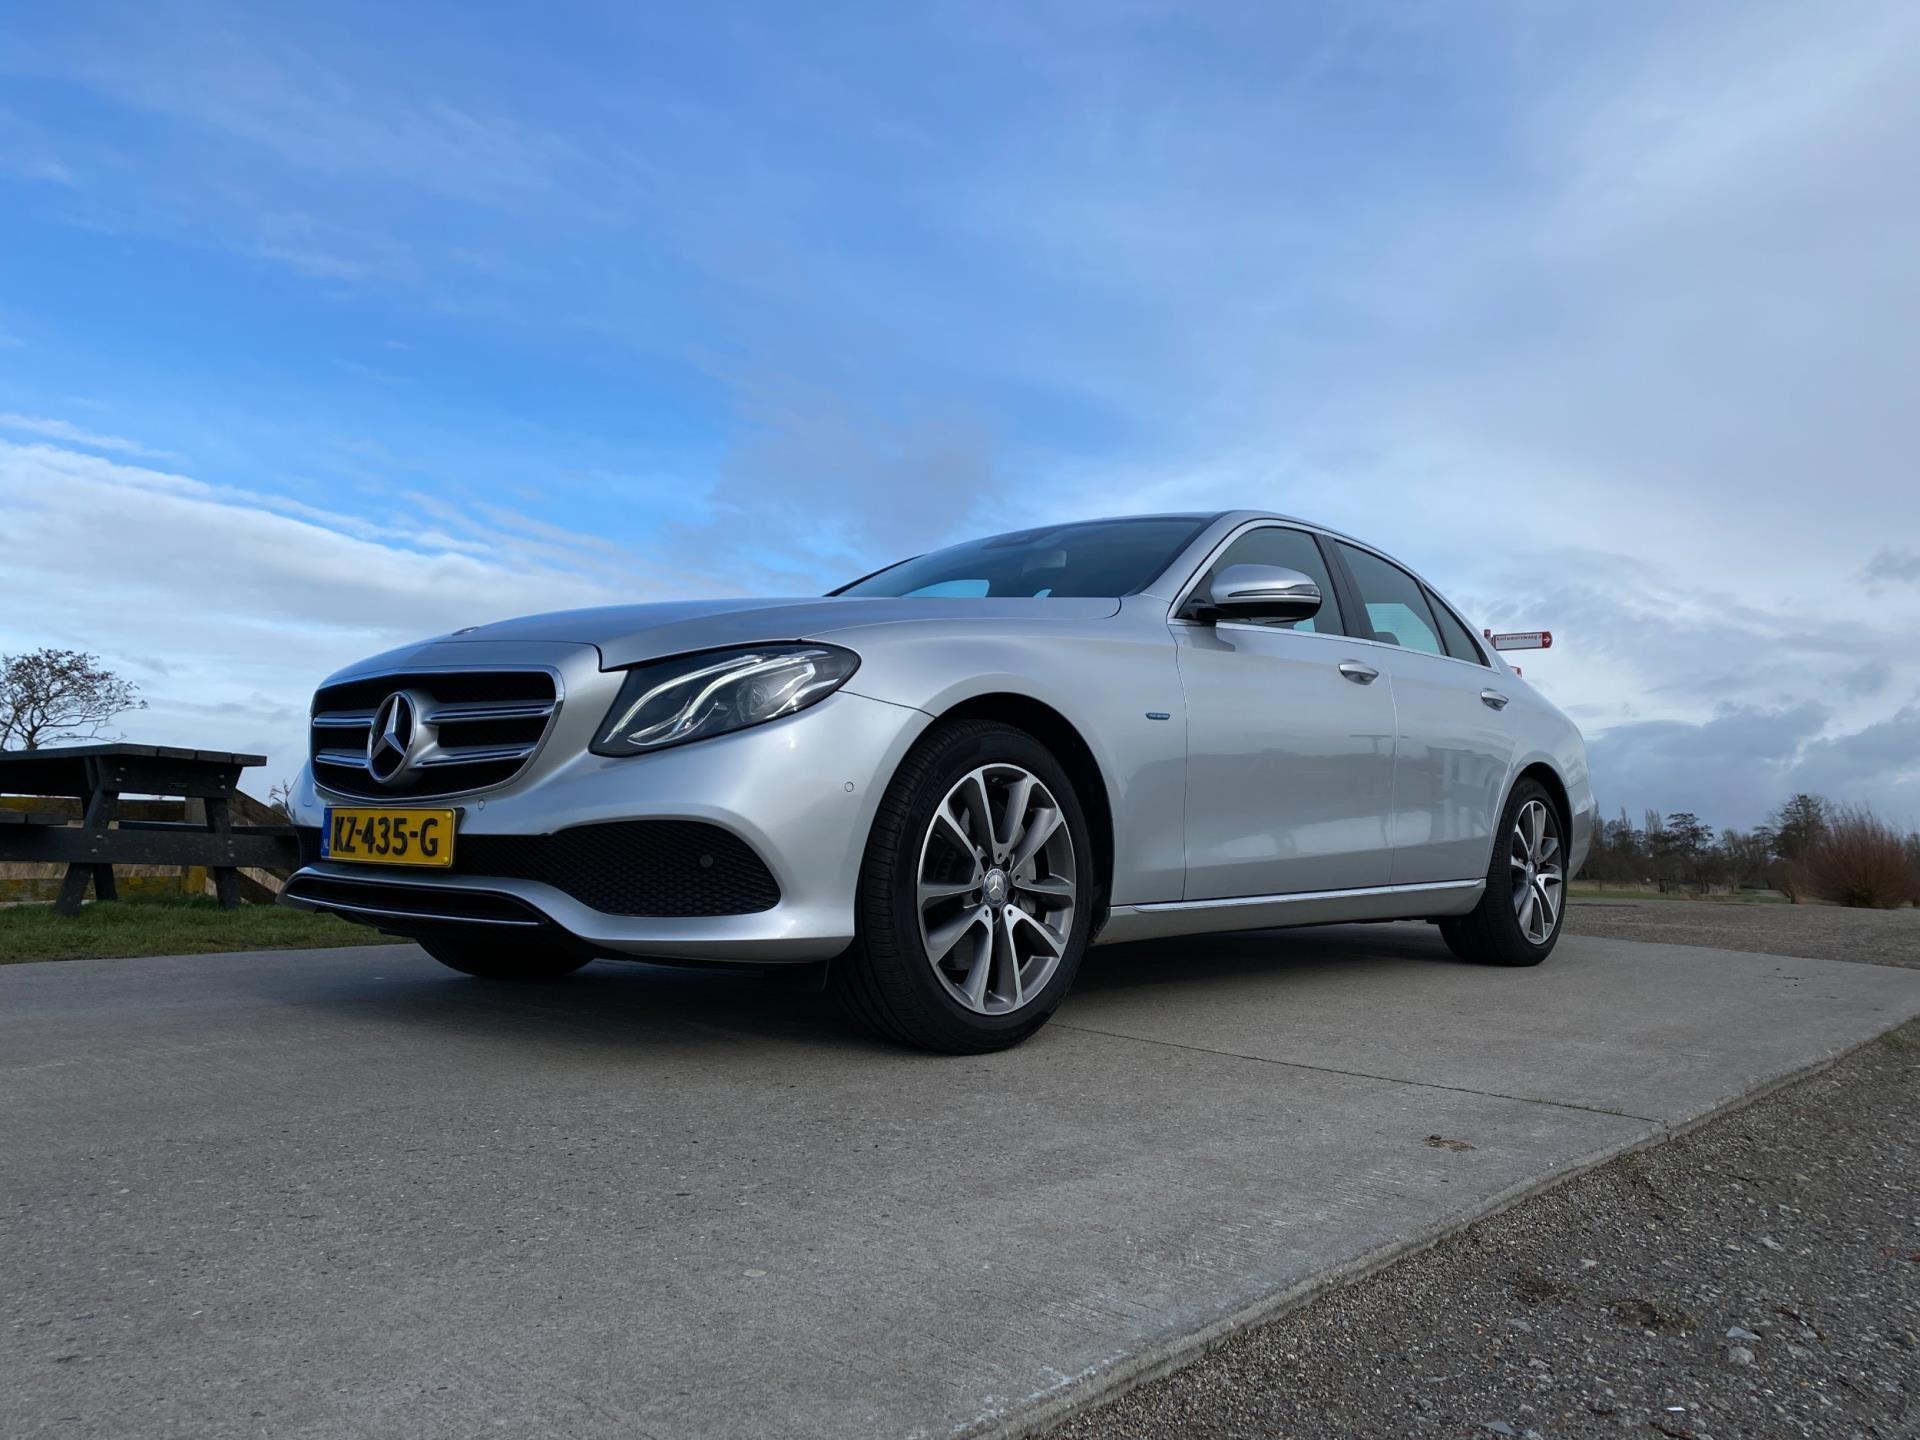 Mercedes-Benz E-klasse occasion - Jeeninga Auto's